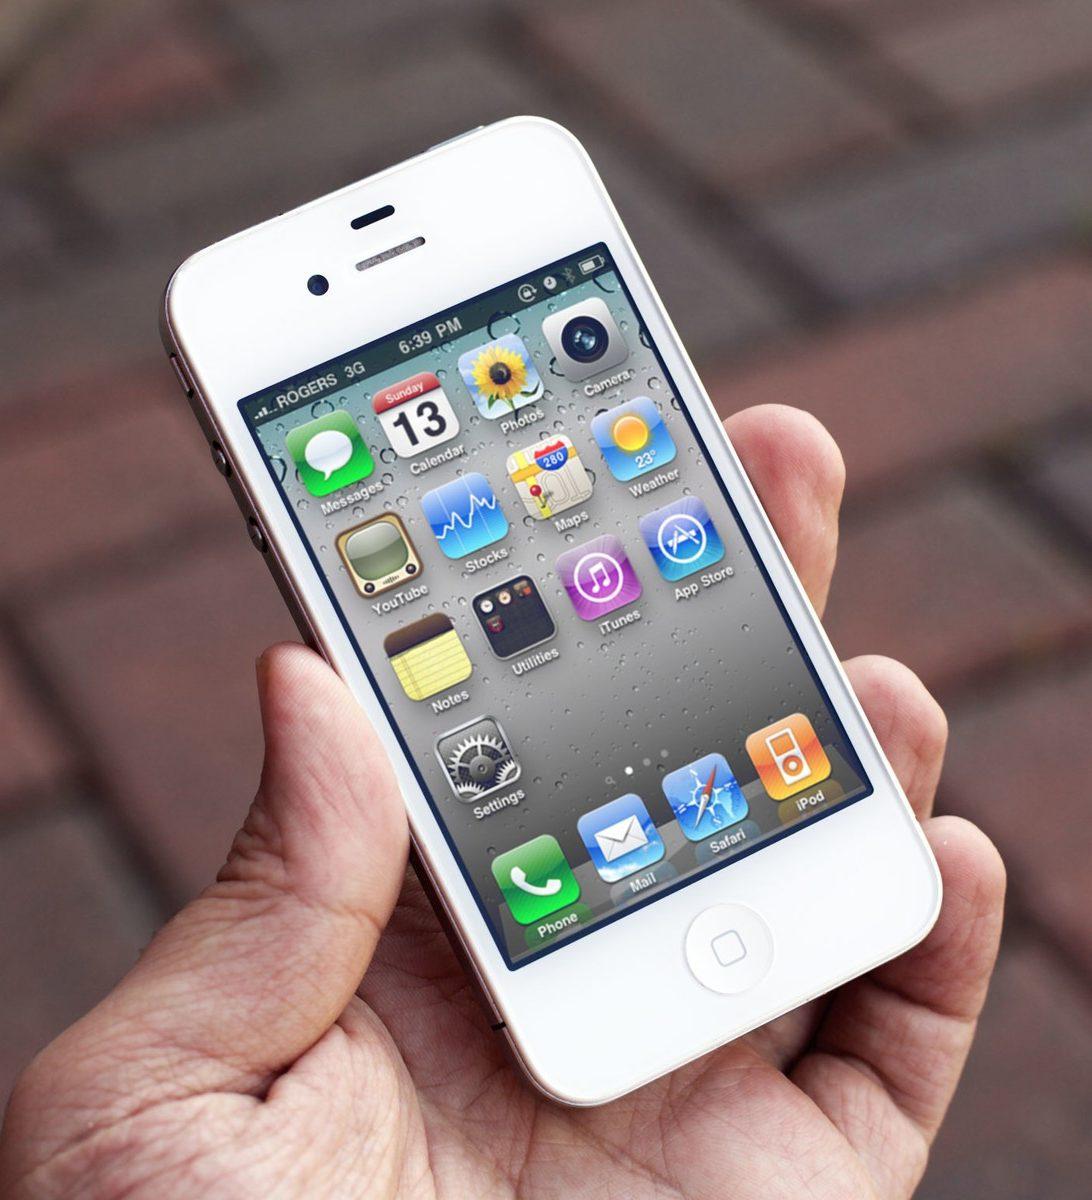 Tùy trường hợp chỉ cần thay kính hoặc phải thay màn hình iPhone 4S